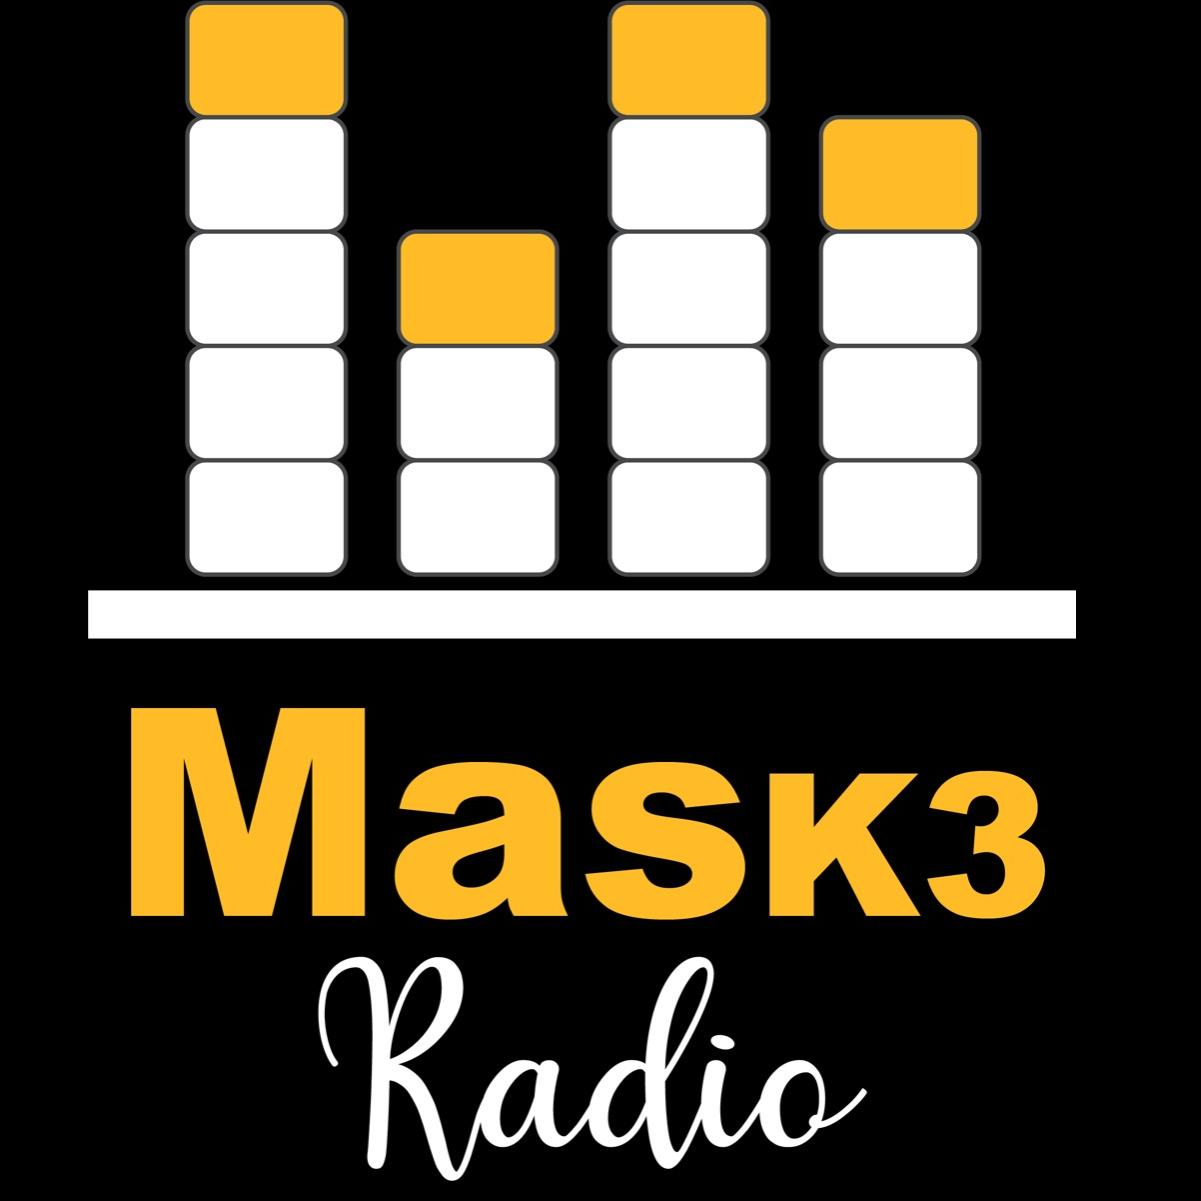 Mask3radio